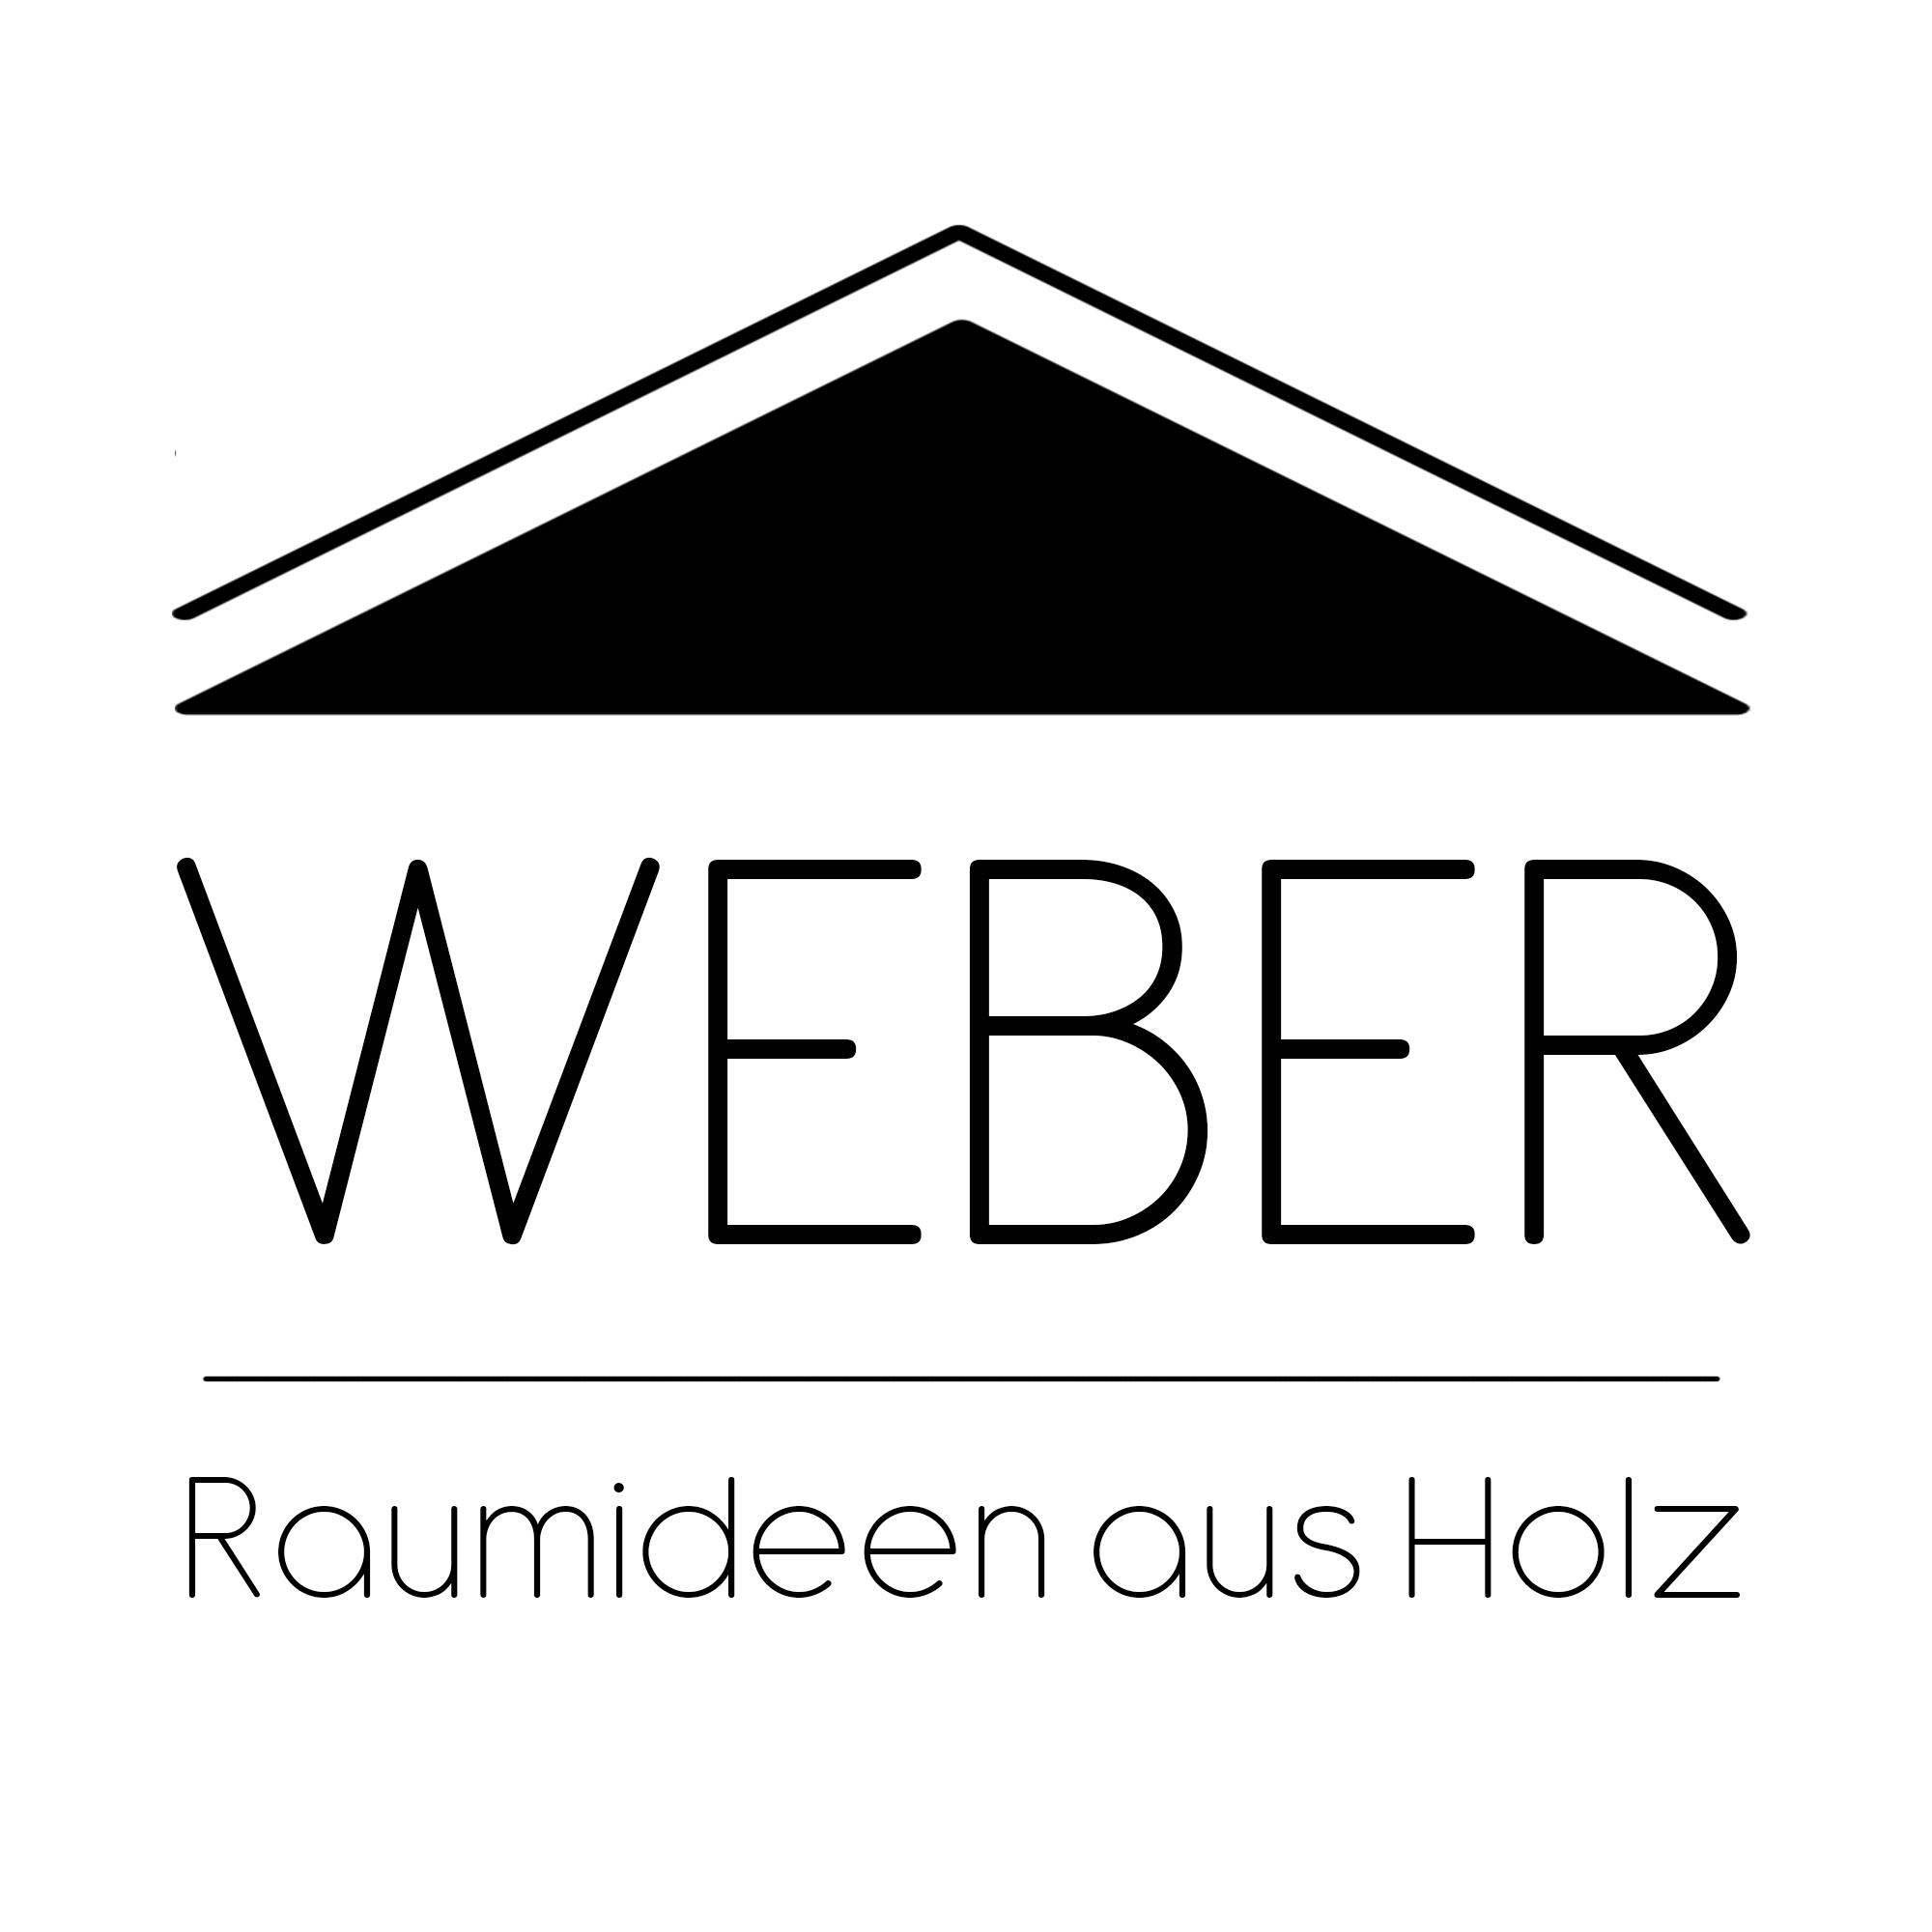 2020-07-24_5f1a9bd2daa2e_LogoWEBER